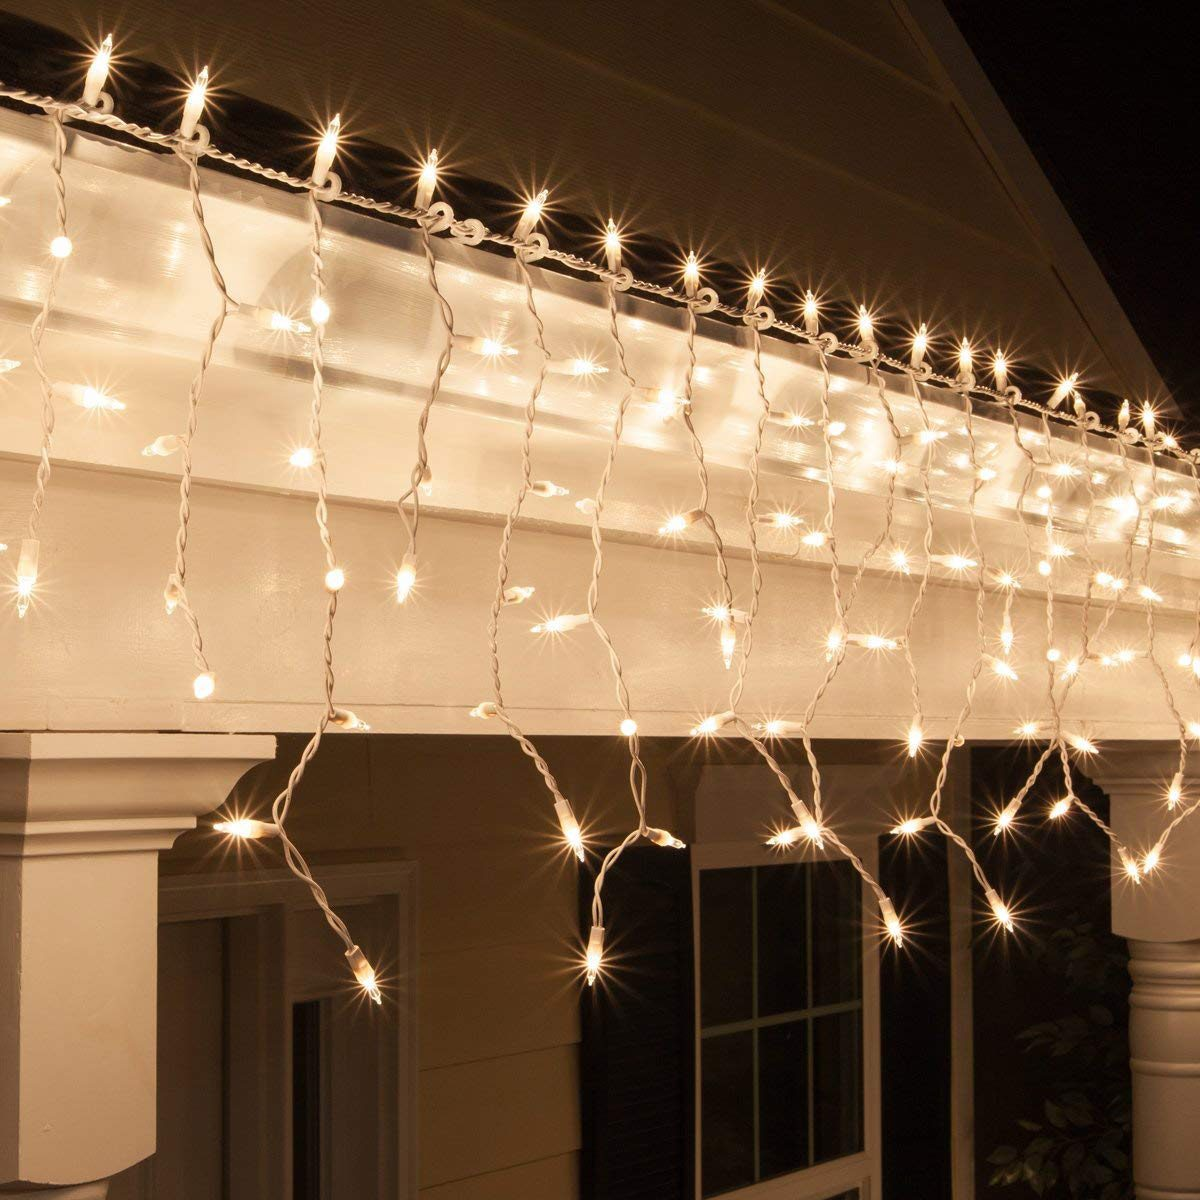 Icicle christmas lights